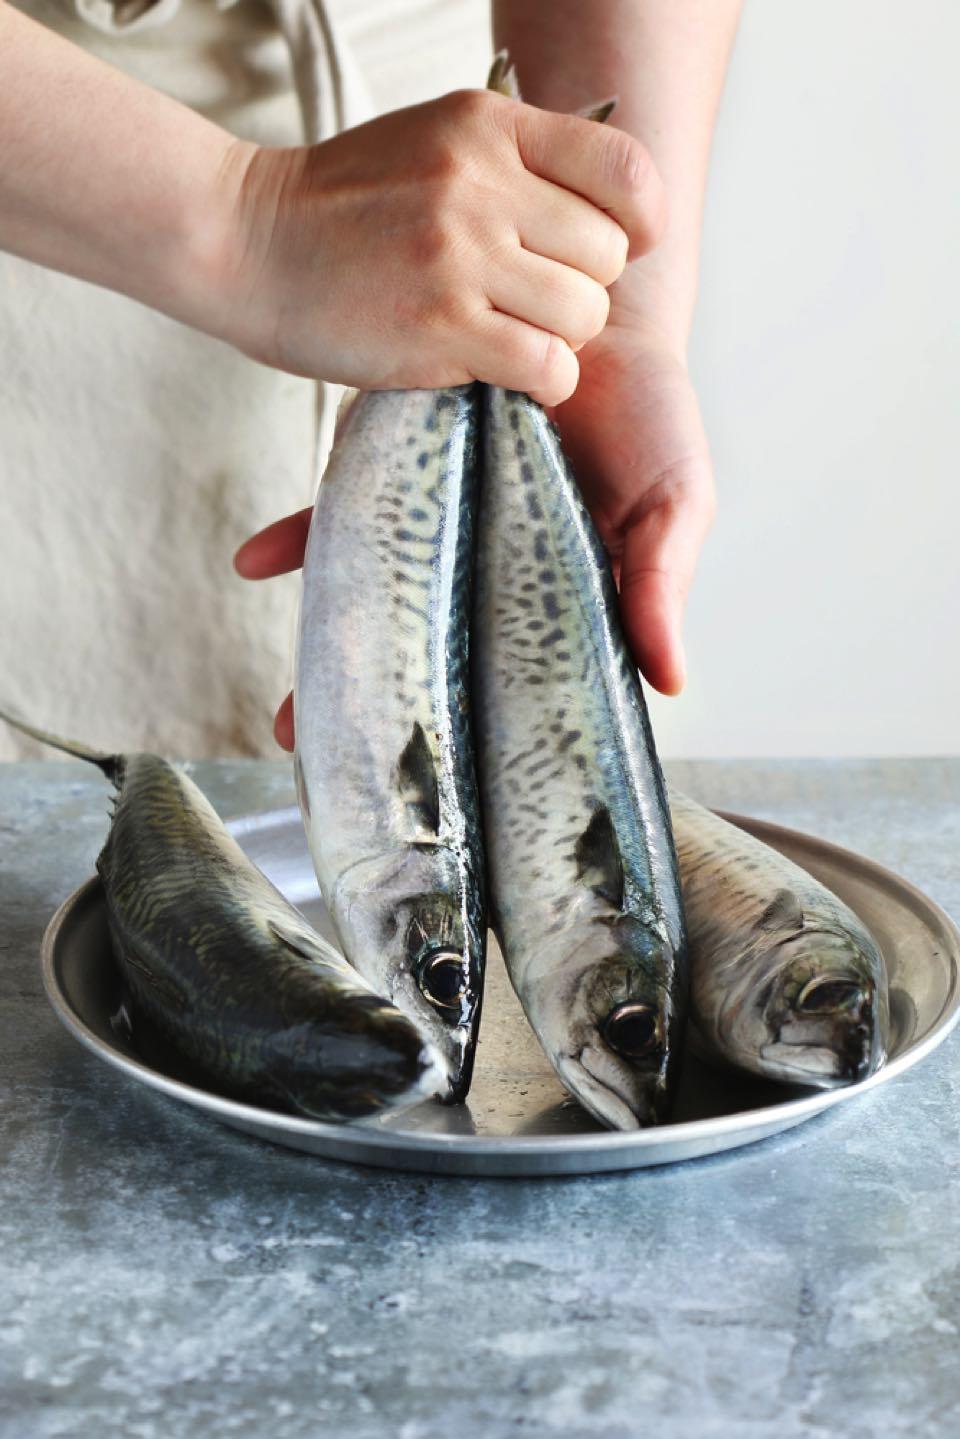 2尾のサバをしっぽをつかんで、お皿から持ち上げているようす。